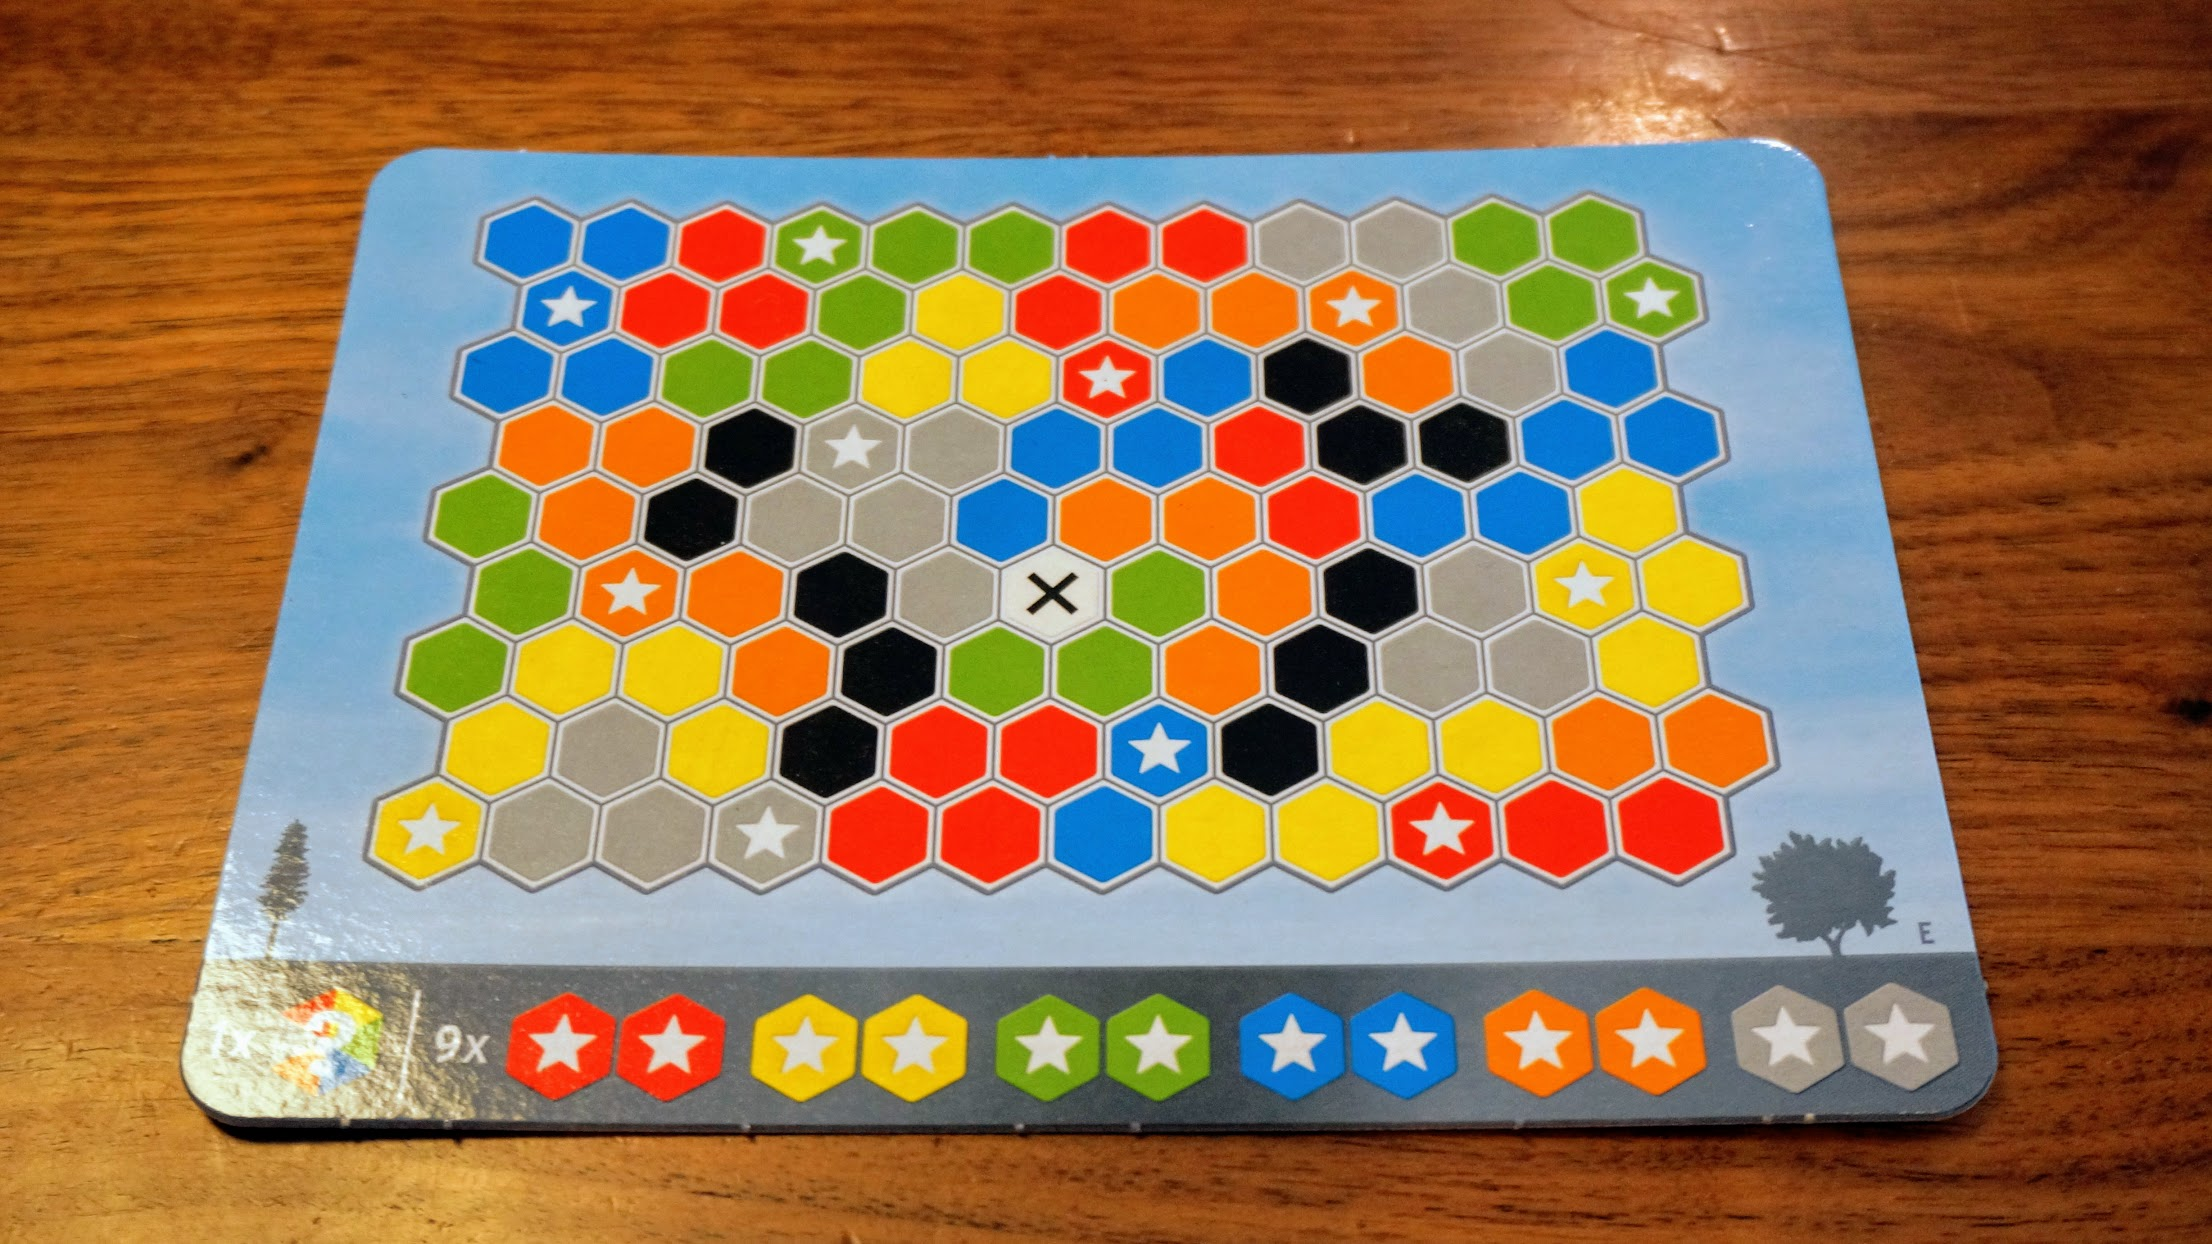 ダイスランド:ゲームの準備